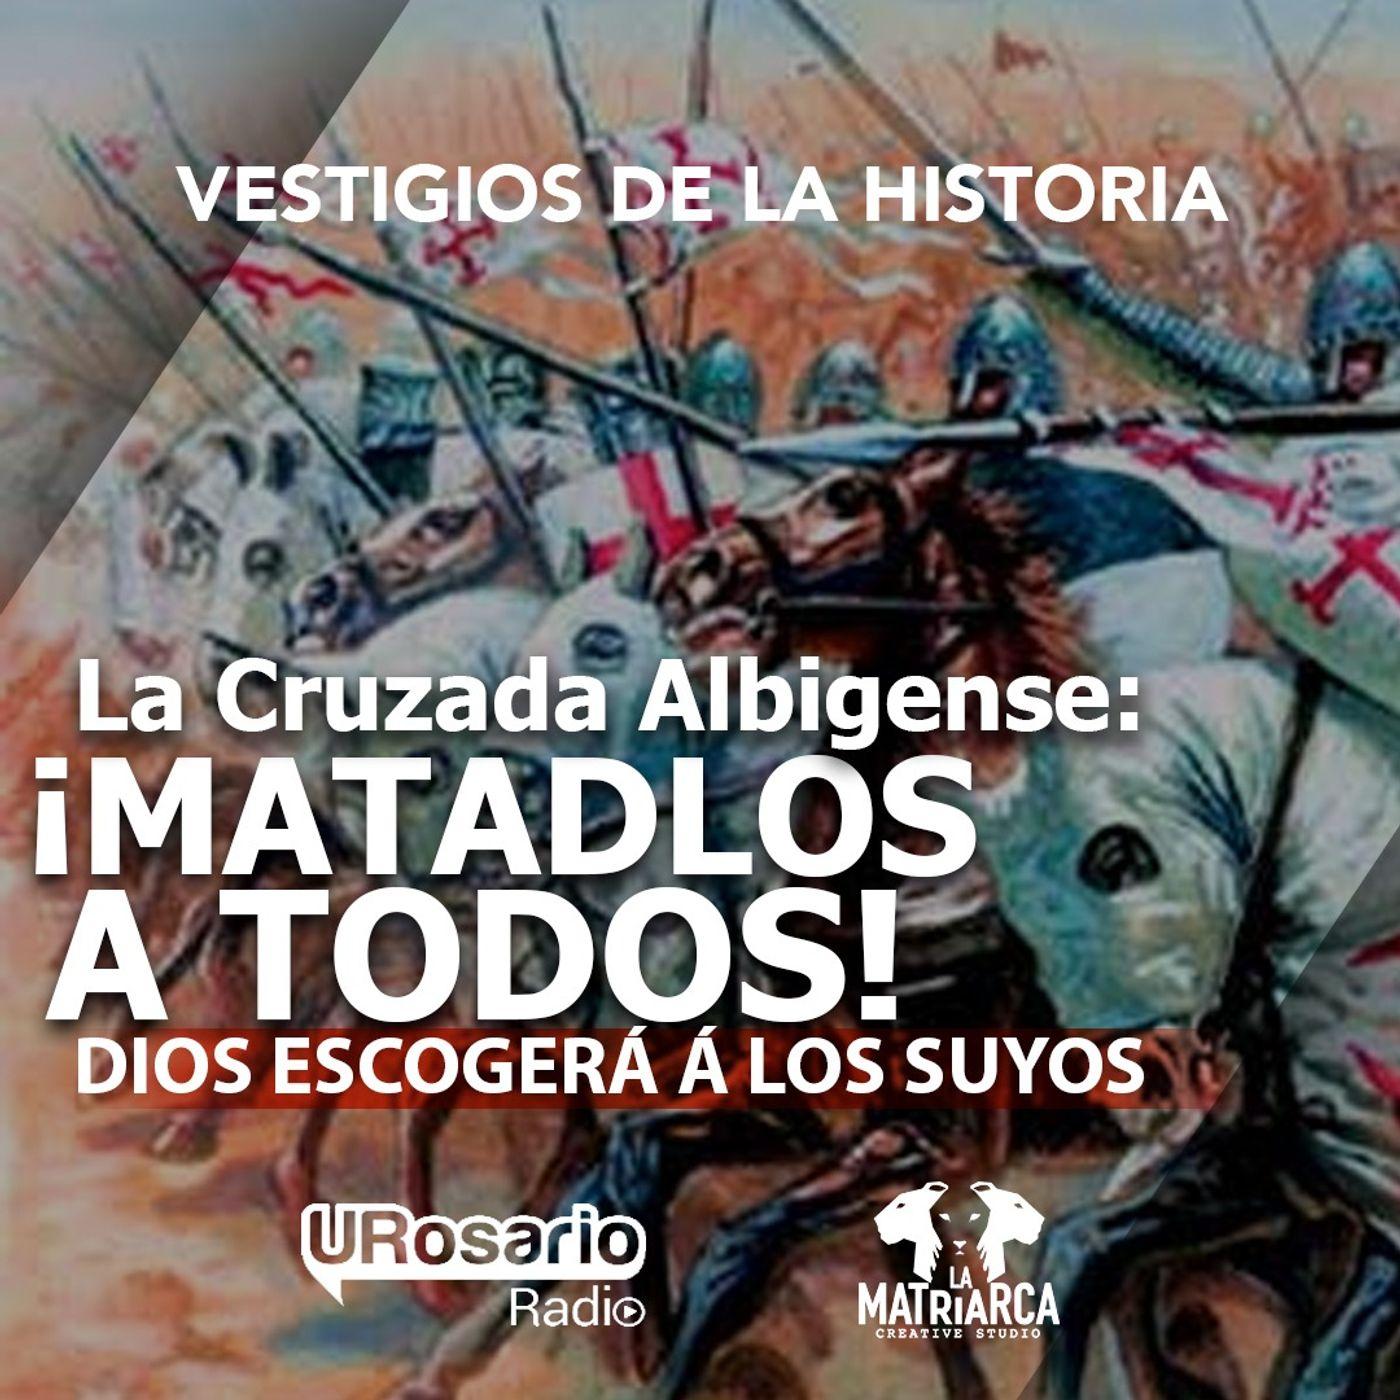 La Cruzada Albigense: ¡Matadlos a todos! Dios escogerá los suyos